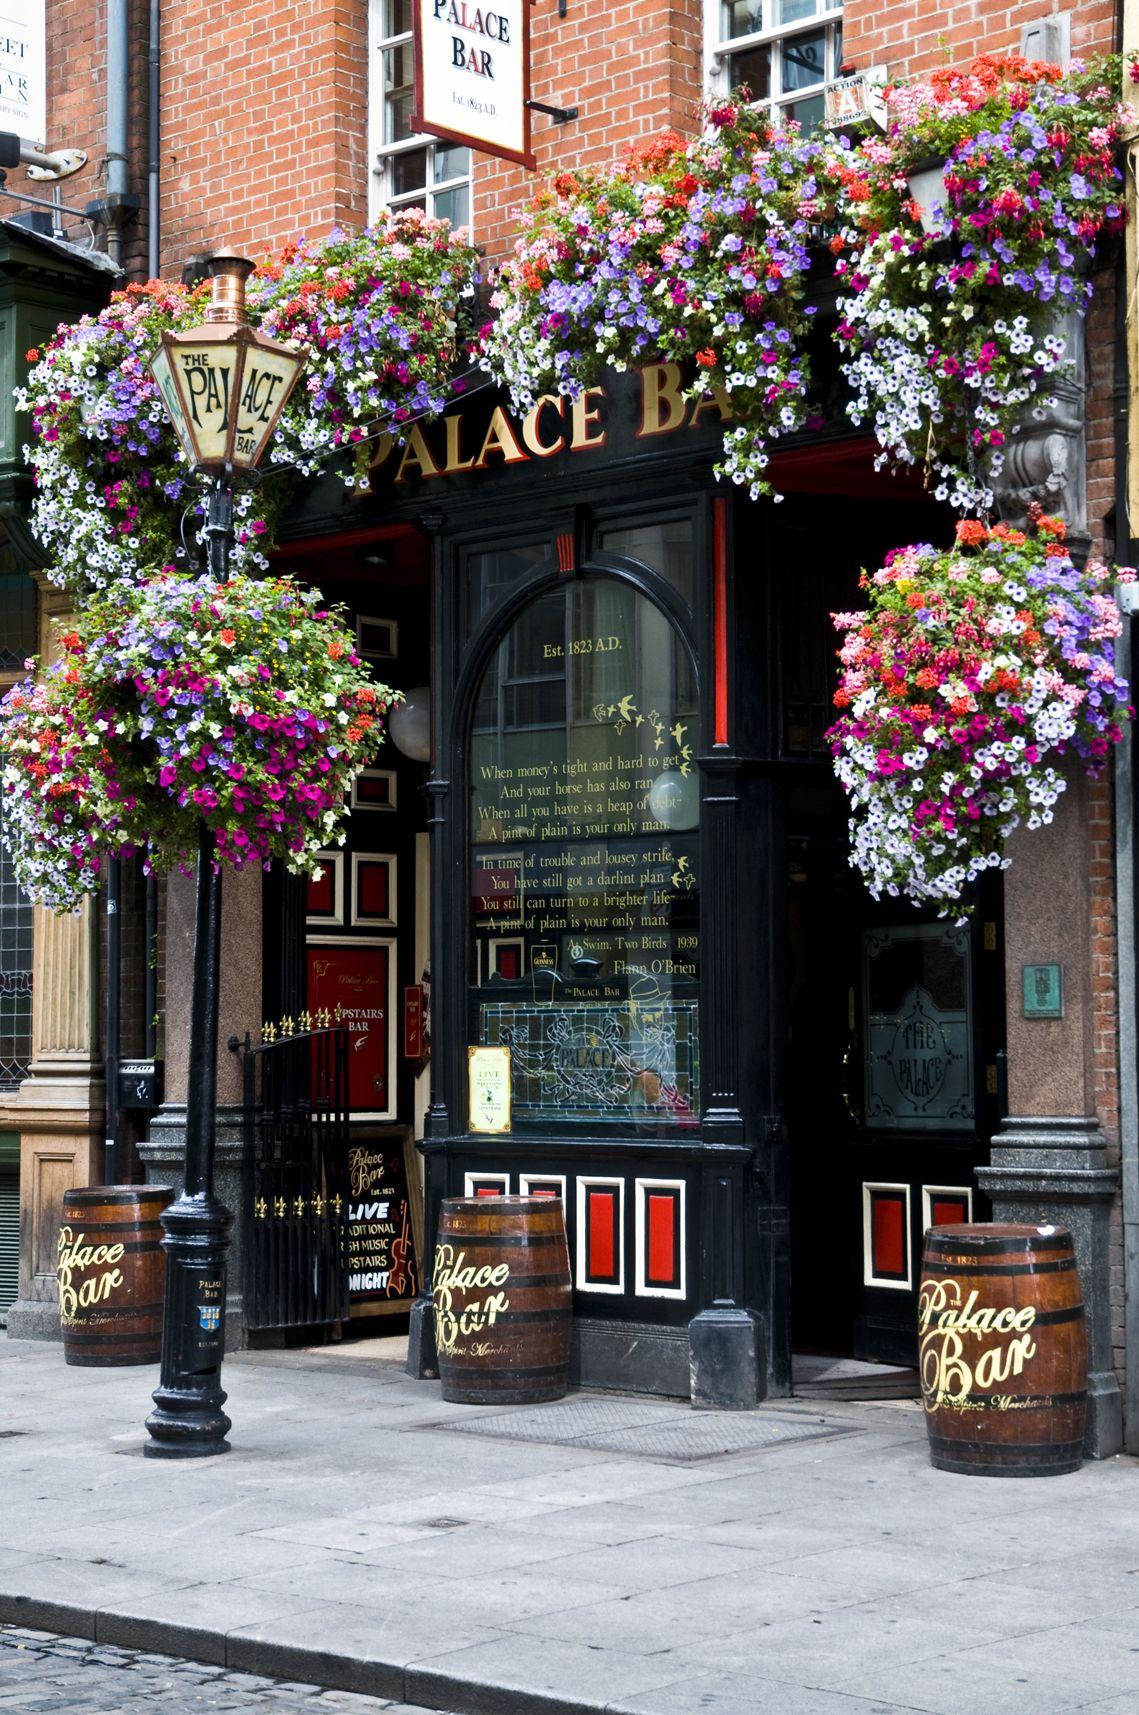 AFAR.com Place: The Palace Bar by Morgan Paar